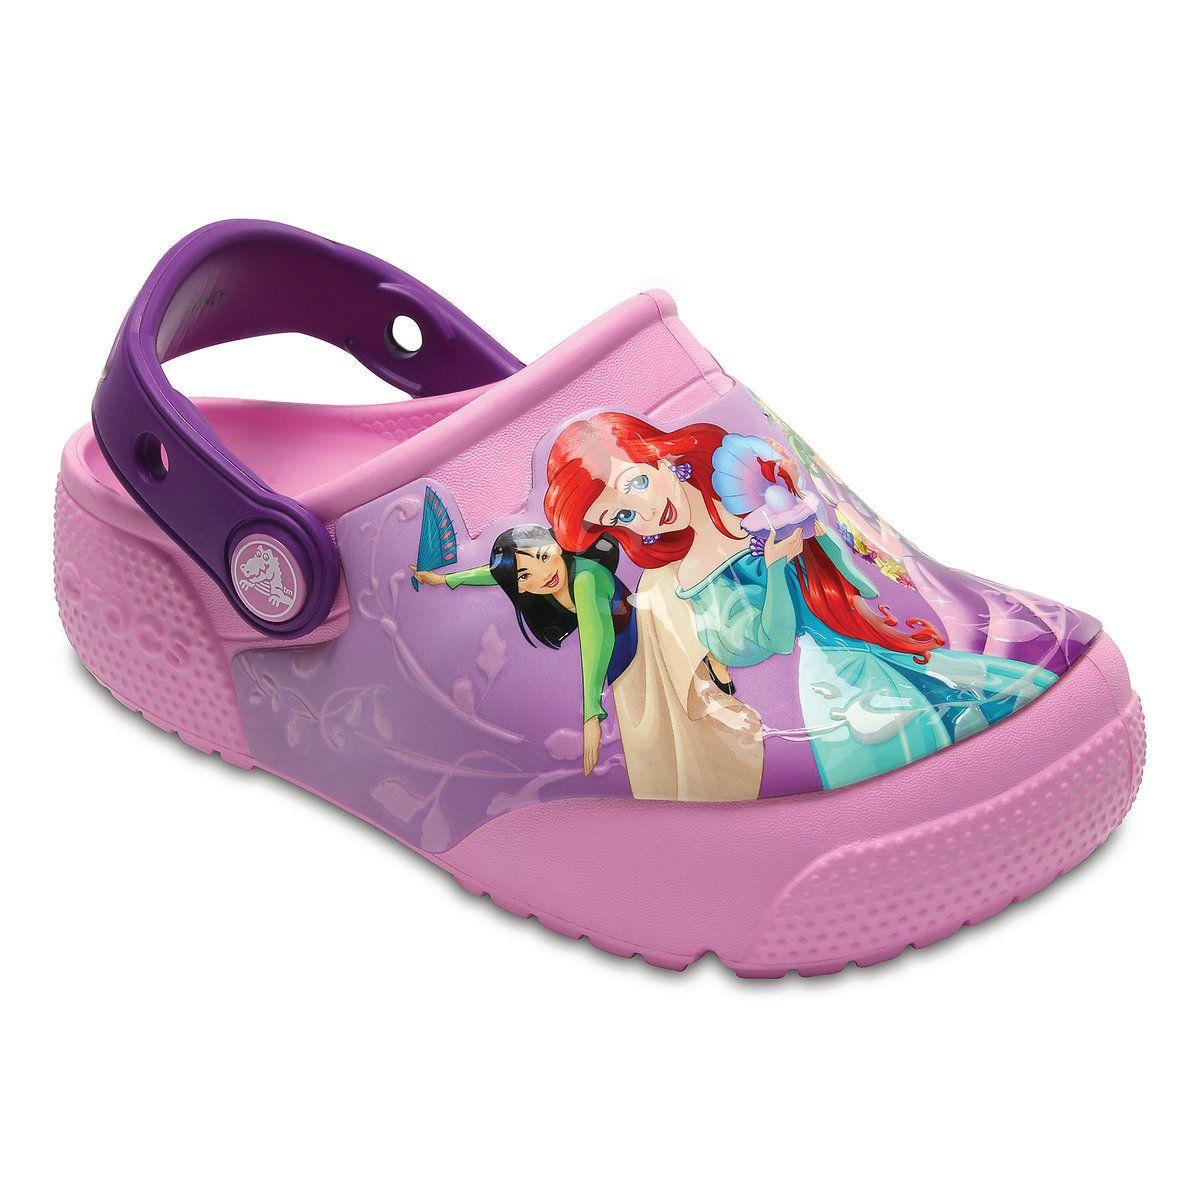 76b4a4419e22d9 Disney Princess Light-Up Clogs for Kids by Crocs